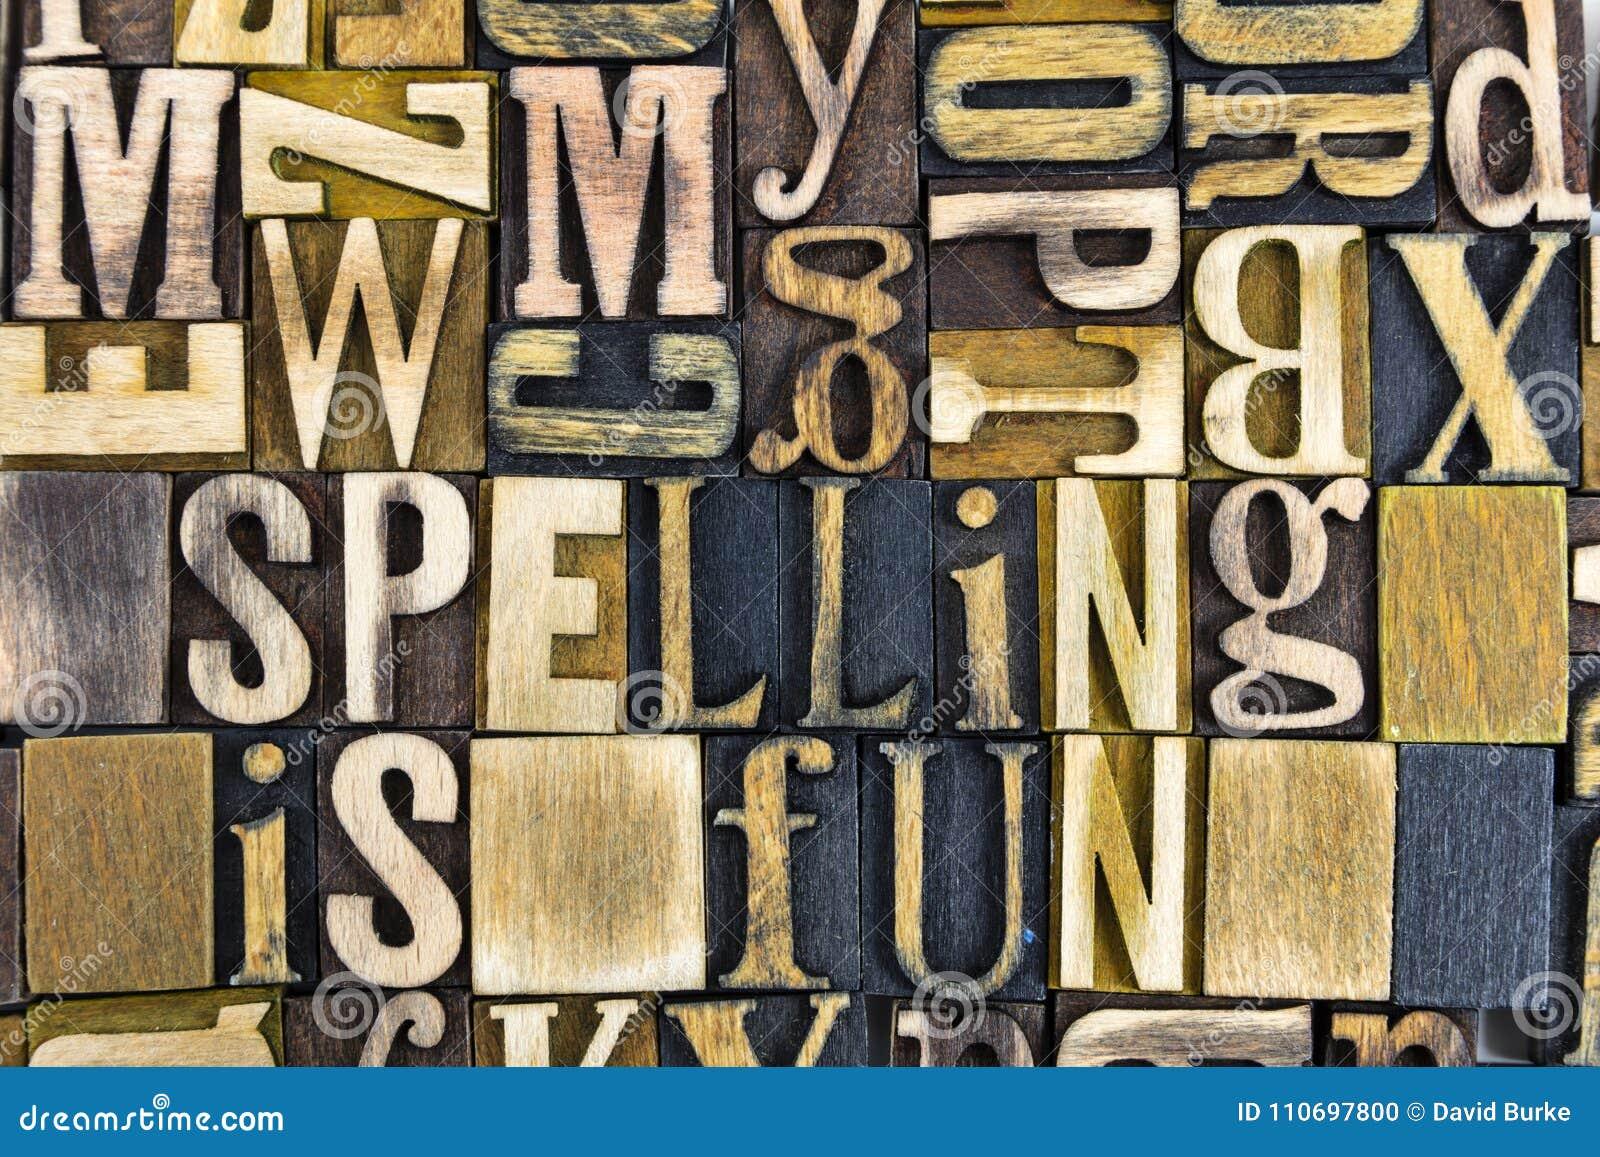 Spelling fun letterpress words wood